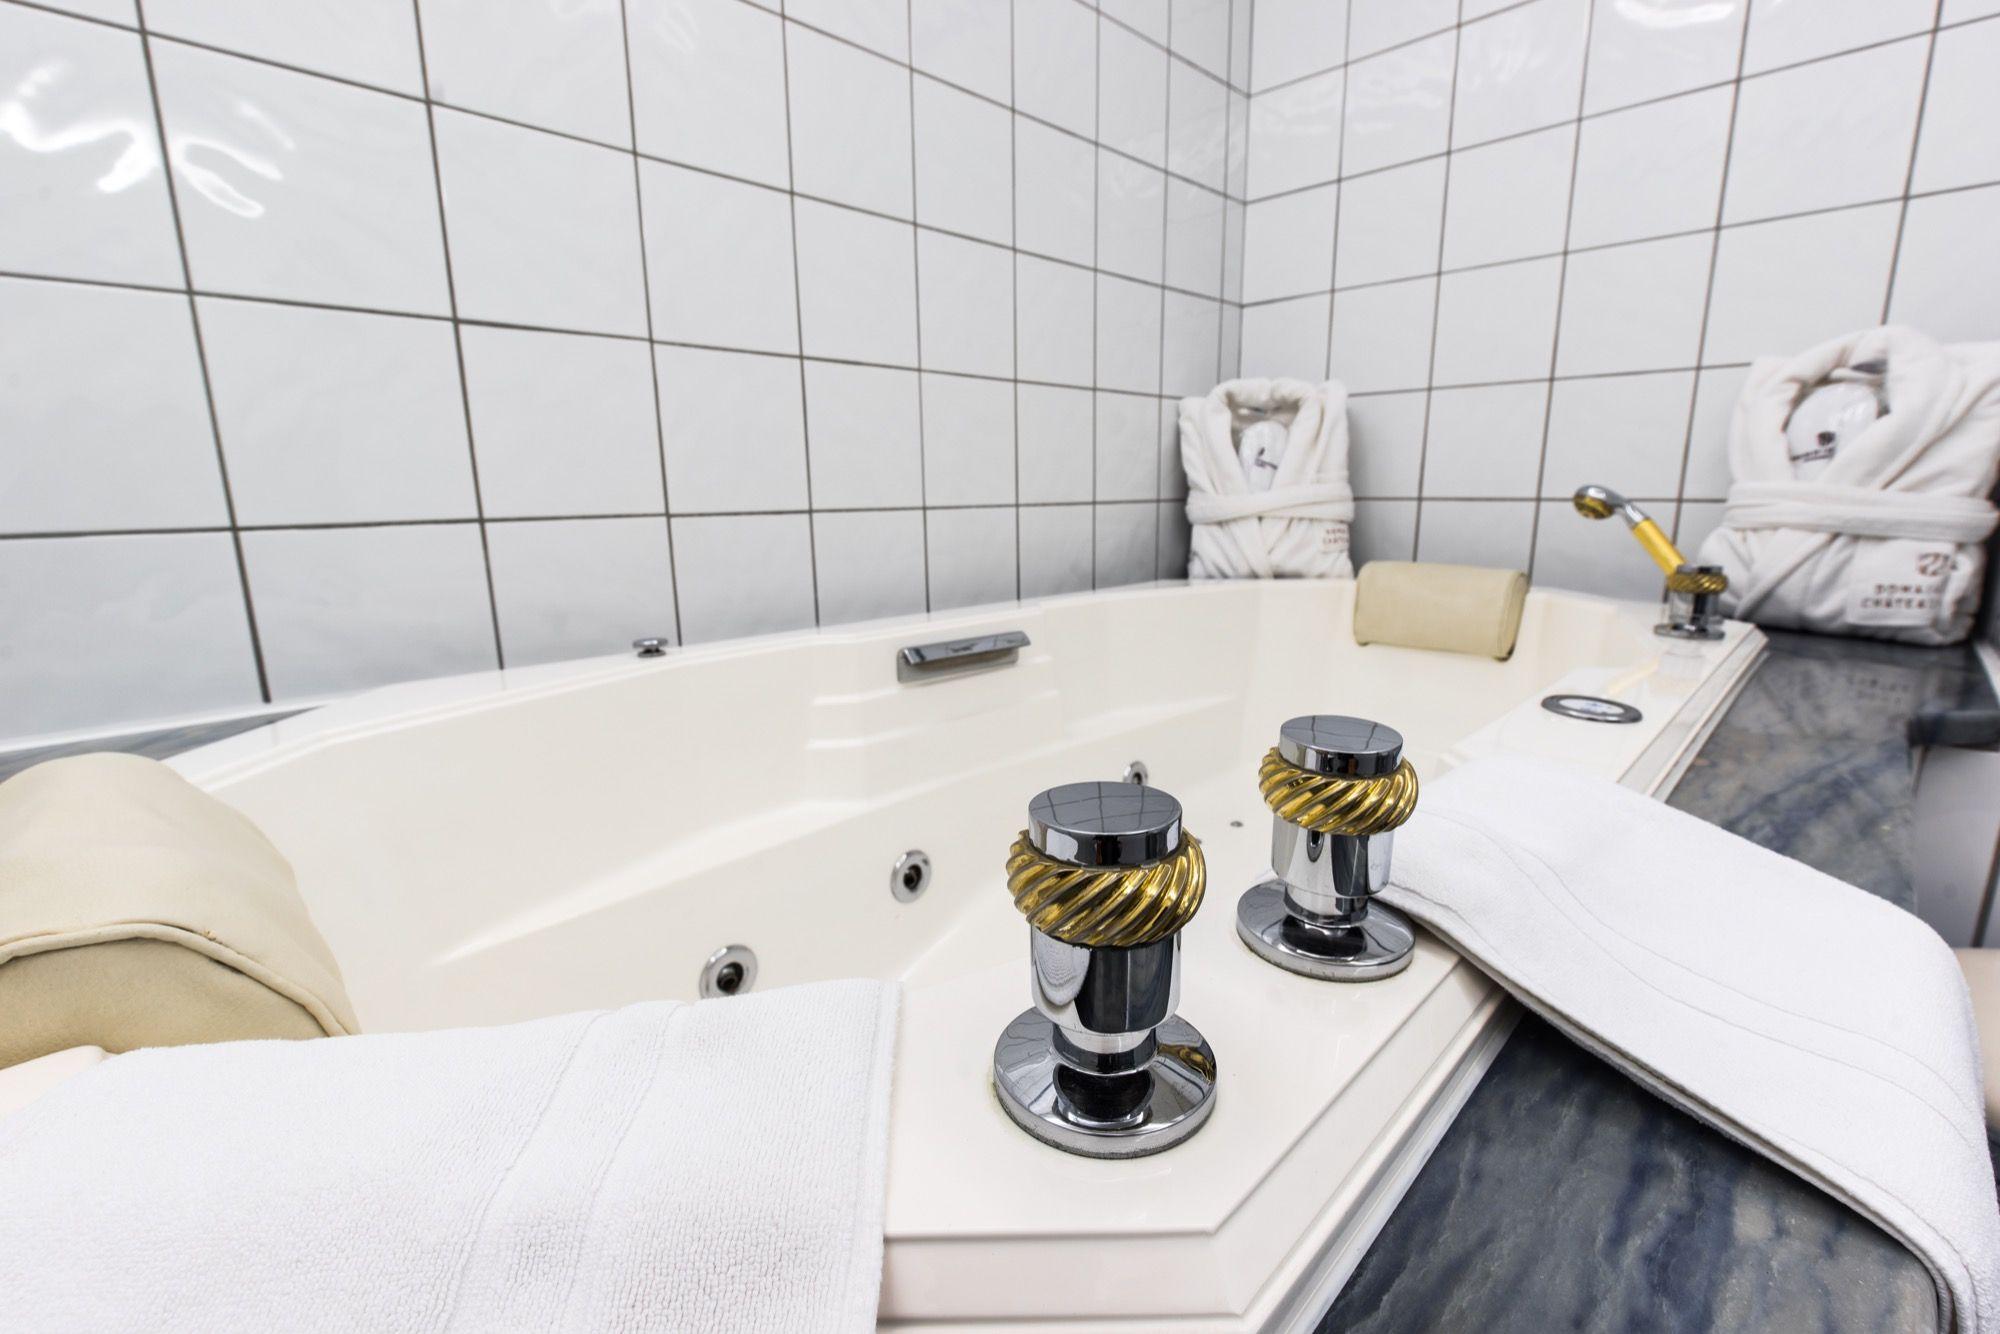 Carrelage Salle De Bain Geneve ~ salle de bain de notre chambre deluxe carrelage robinets aux